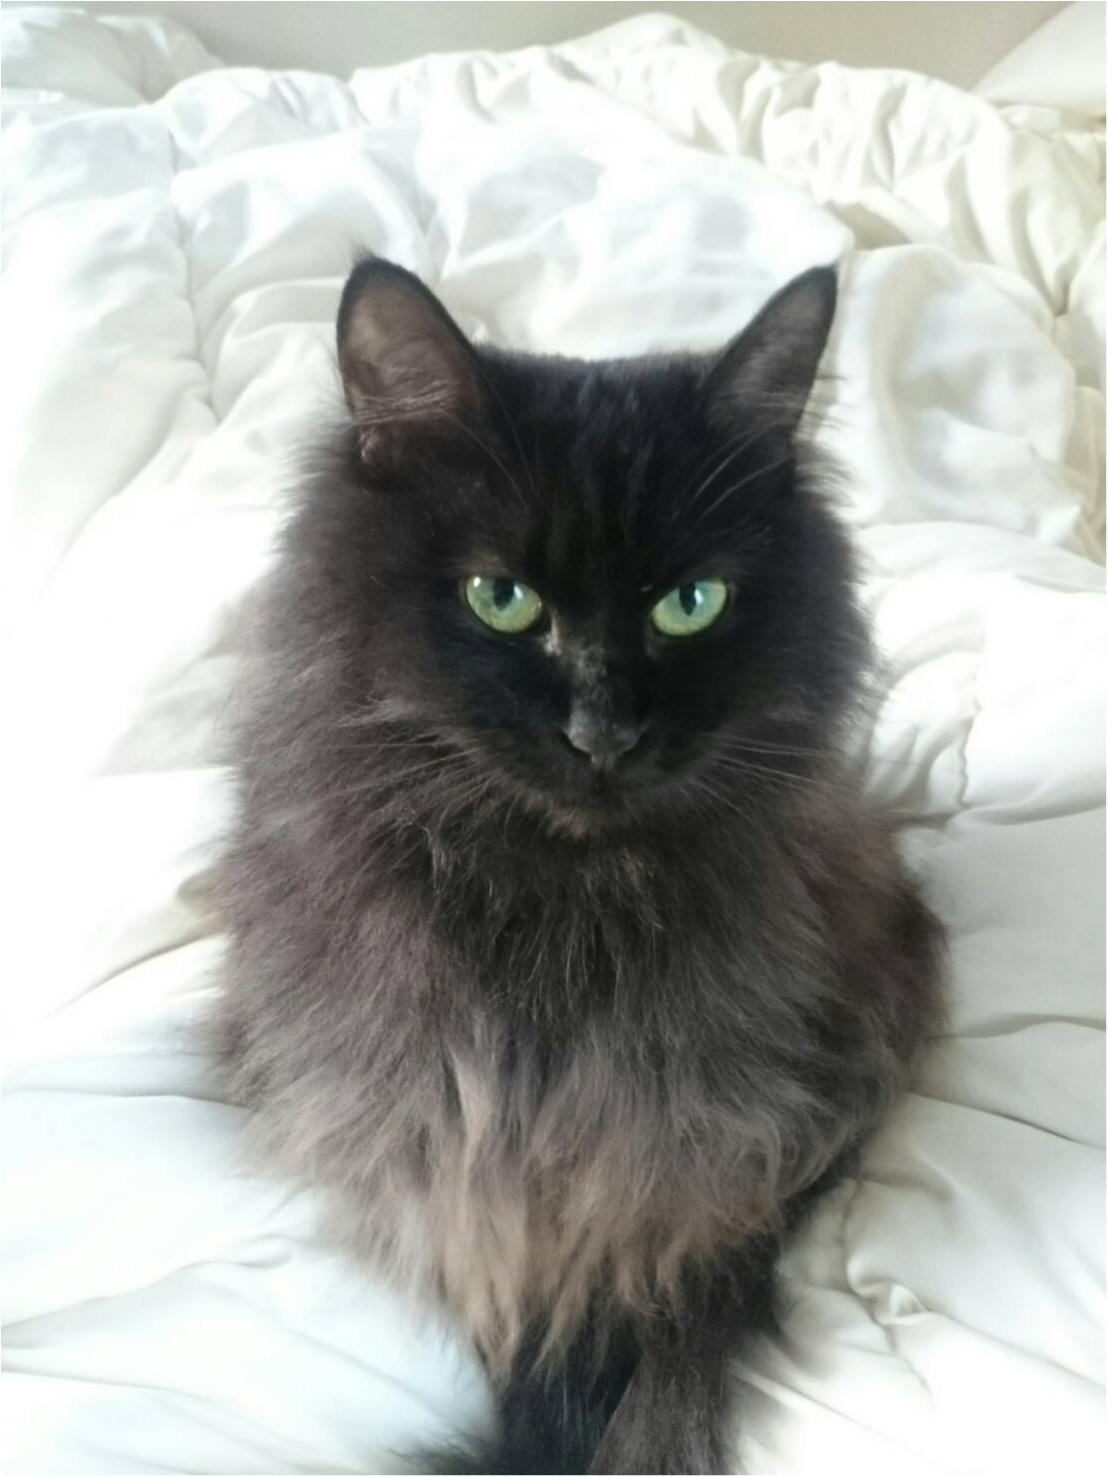 【今日のにゃんこ】わんこには負けないにゃ! 美猫すぎるゆらちゃんから新年のご挨拶♡_1